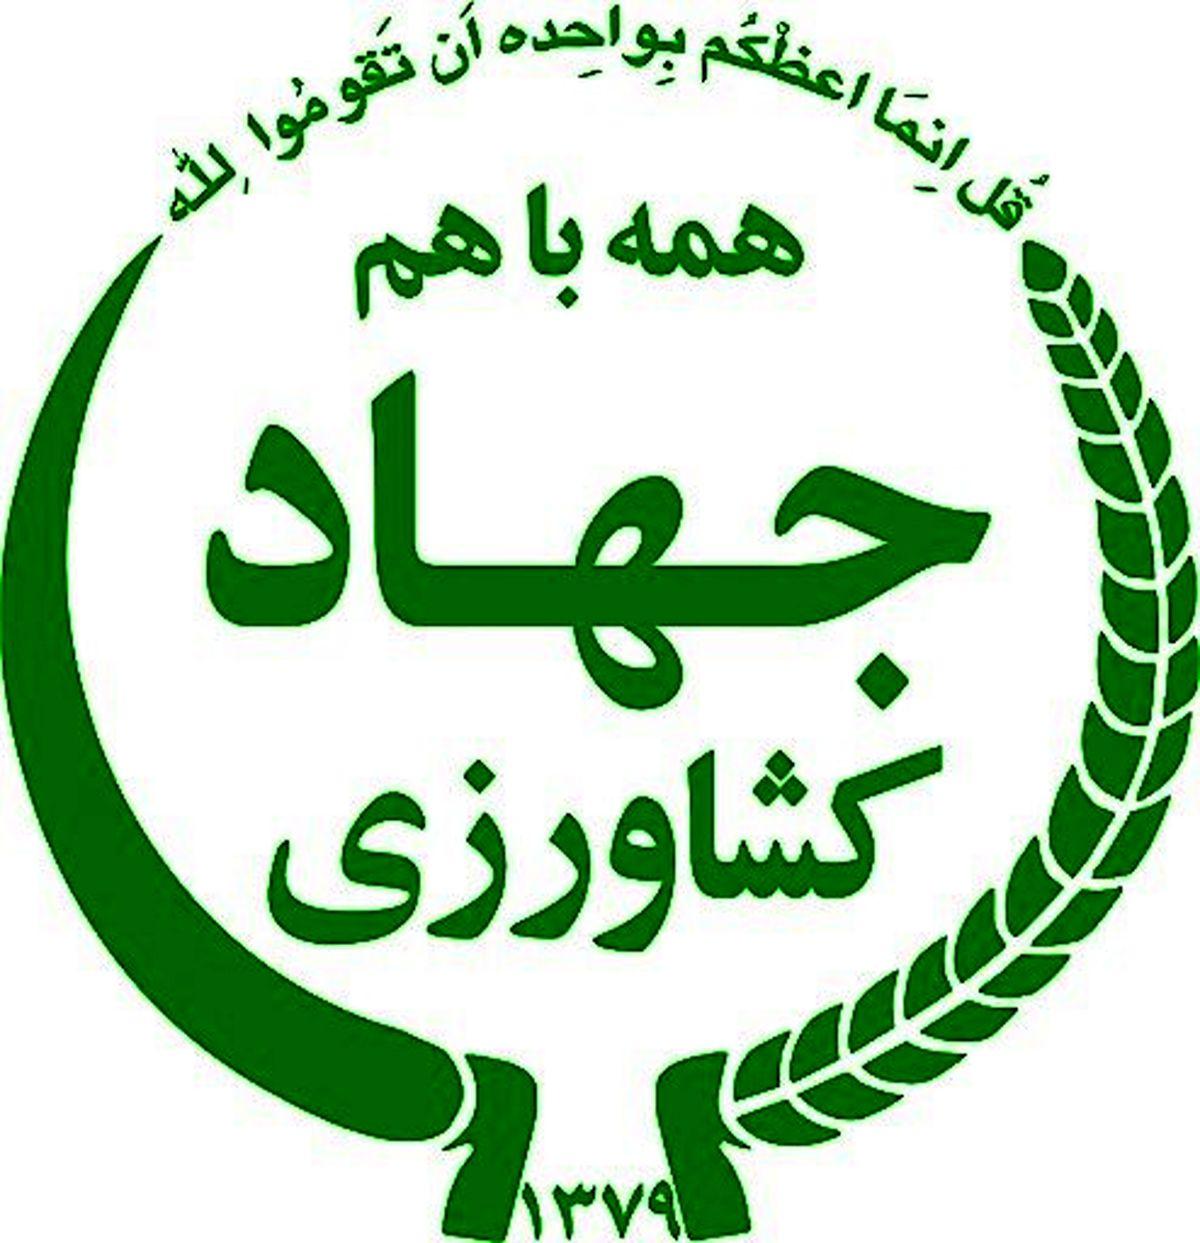 10 هزار تن نهاده دامی نیمه اول فروردین 1400 در یزد توزیع شد